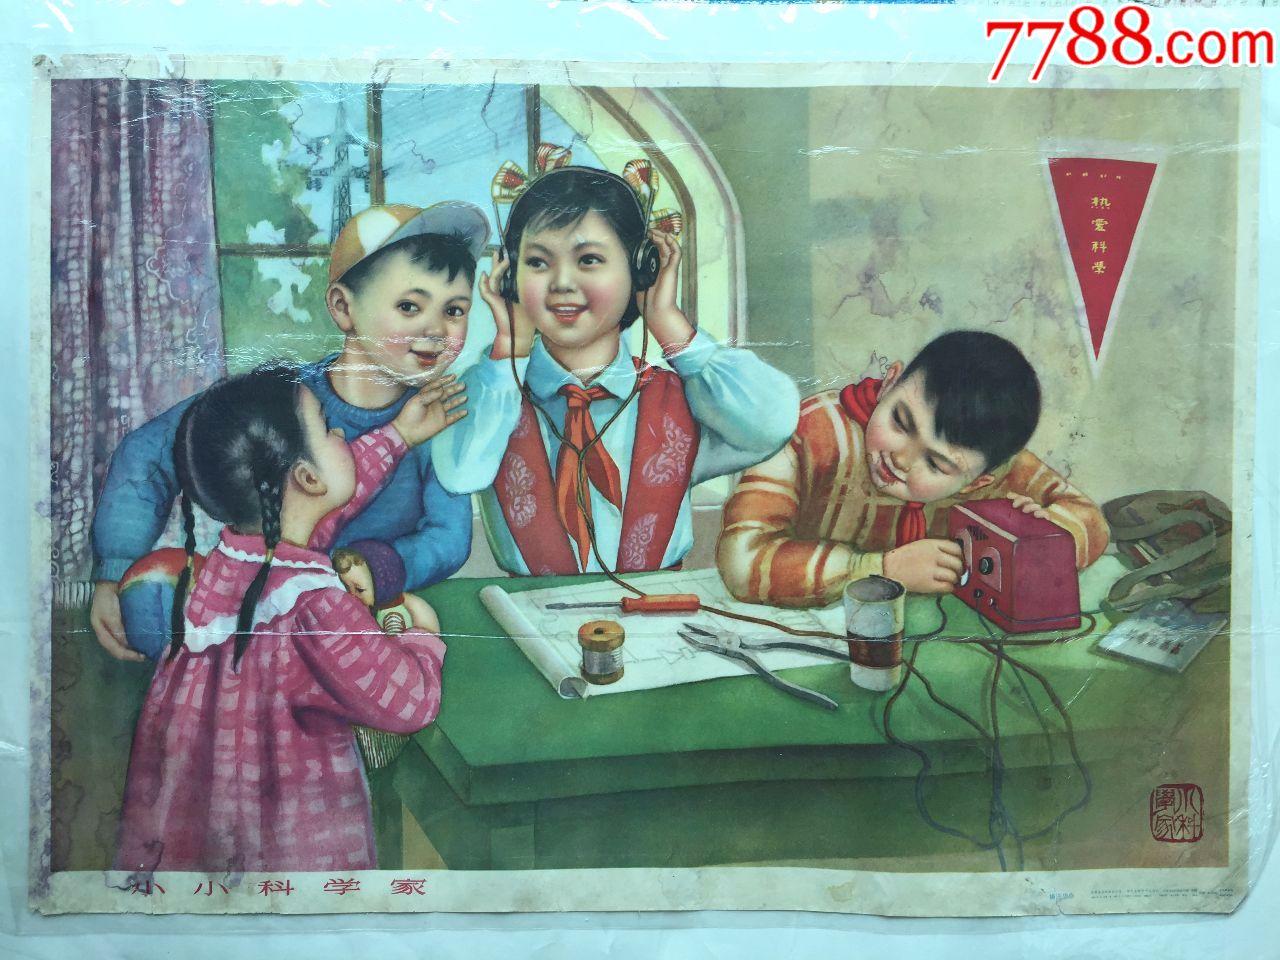 60年代精品《小小科学家》金色回忆,收藏首选.品严者慎拍.图片